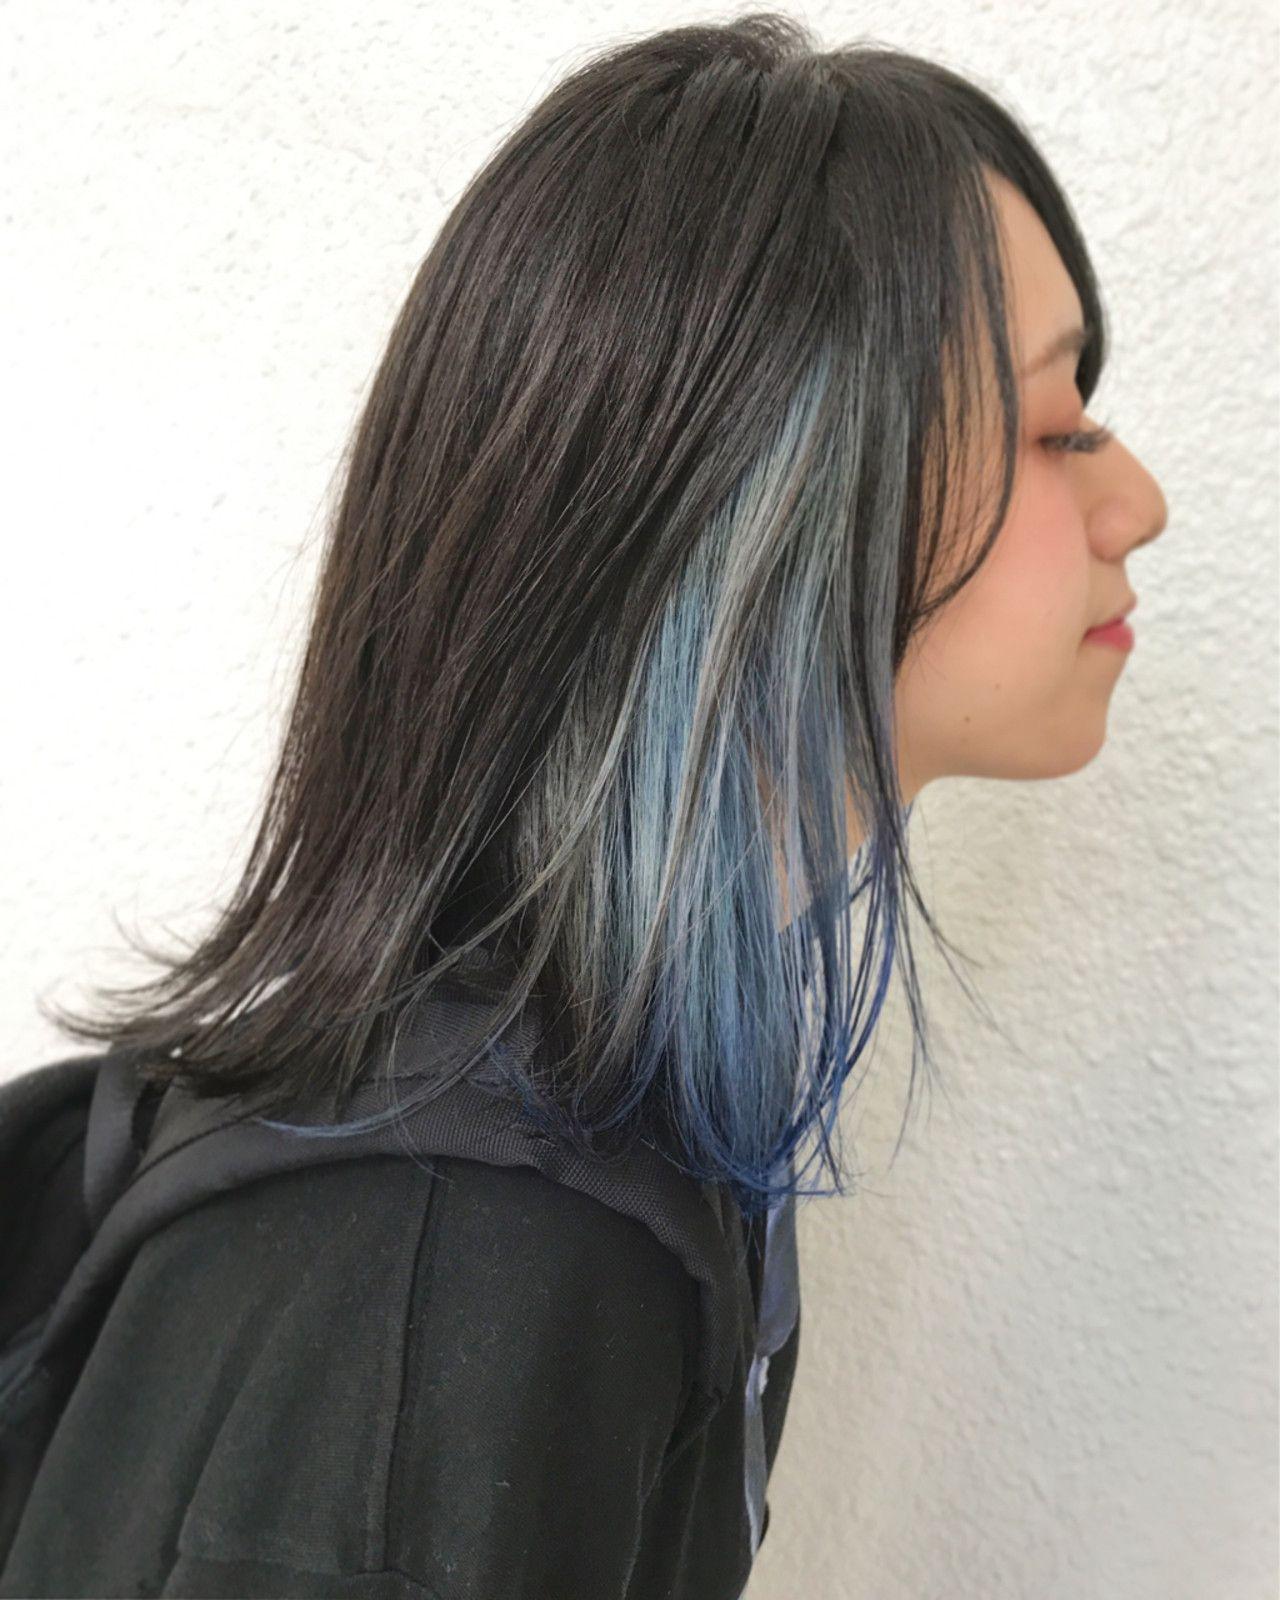 インナーカラー ヘアスタイリング 染めた髪 髪 カラー